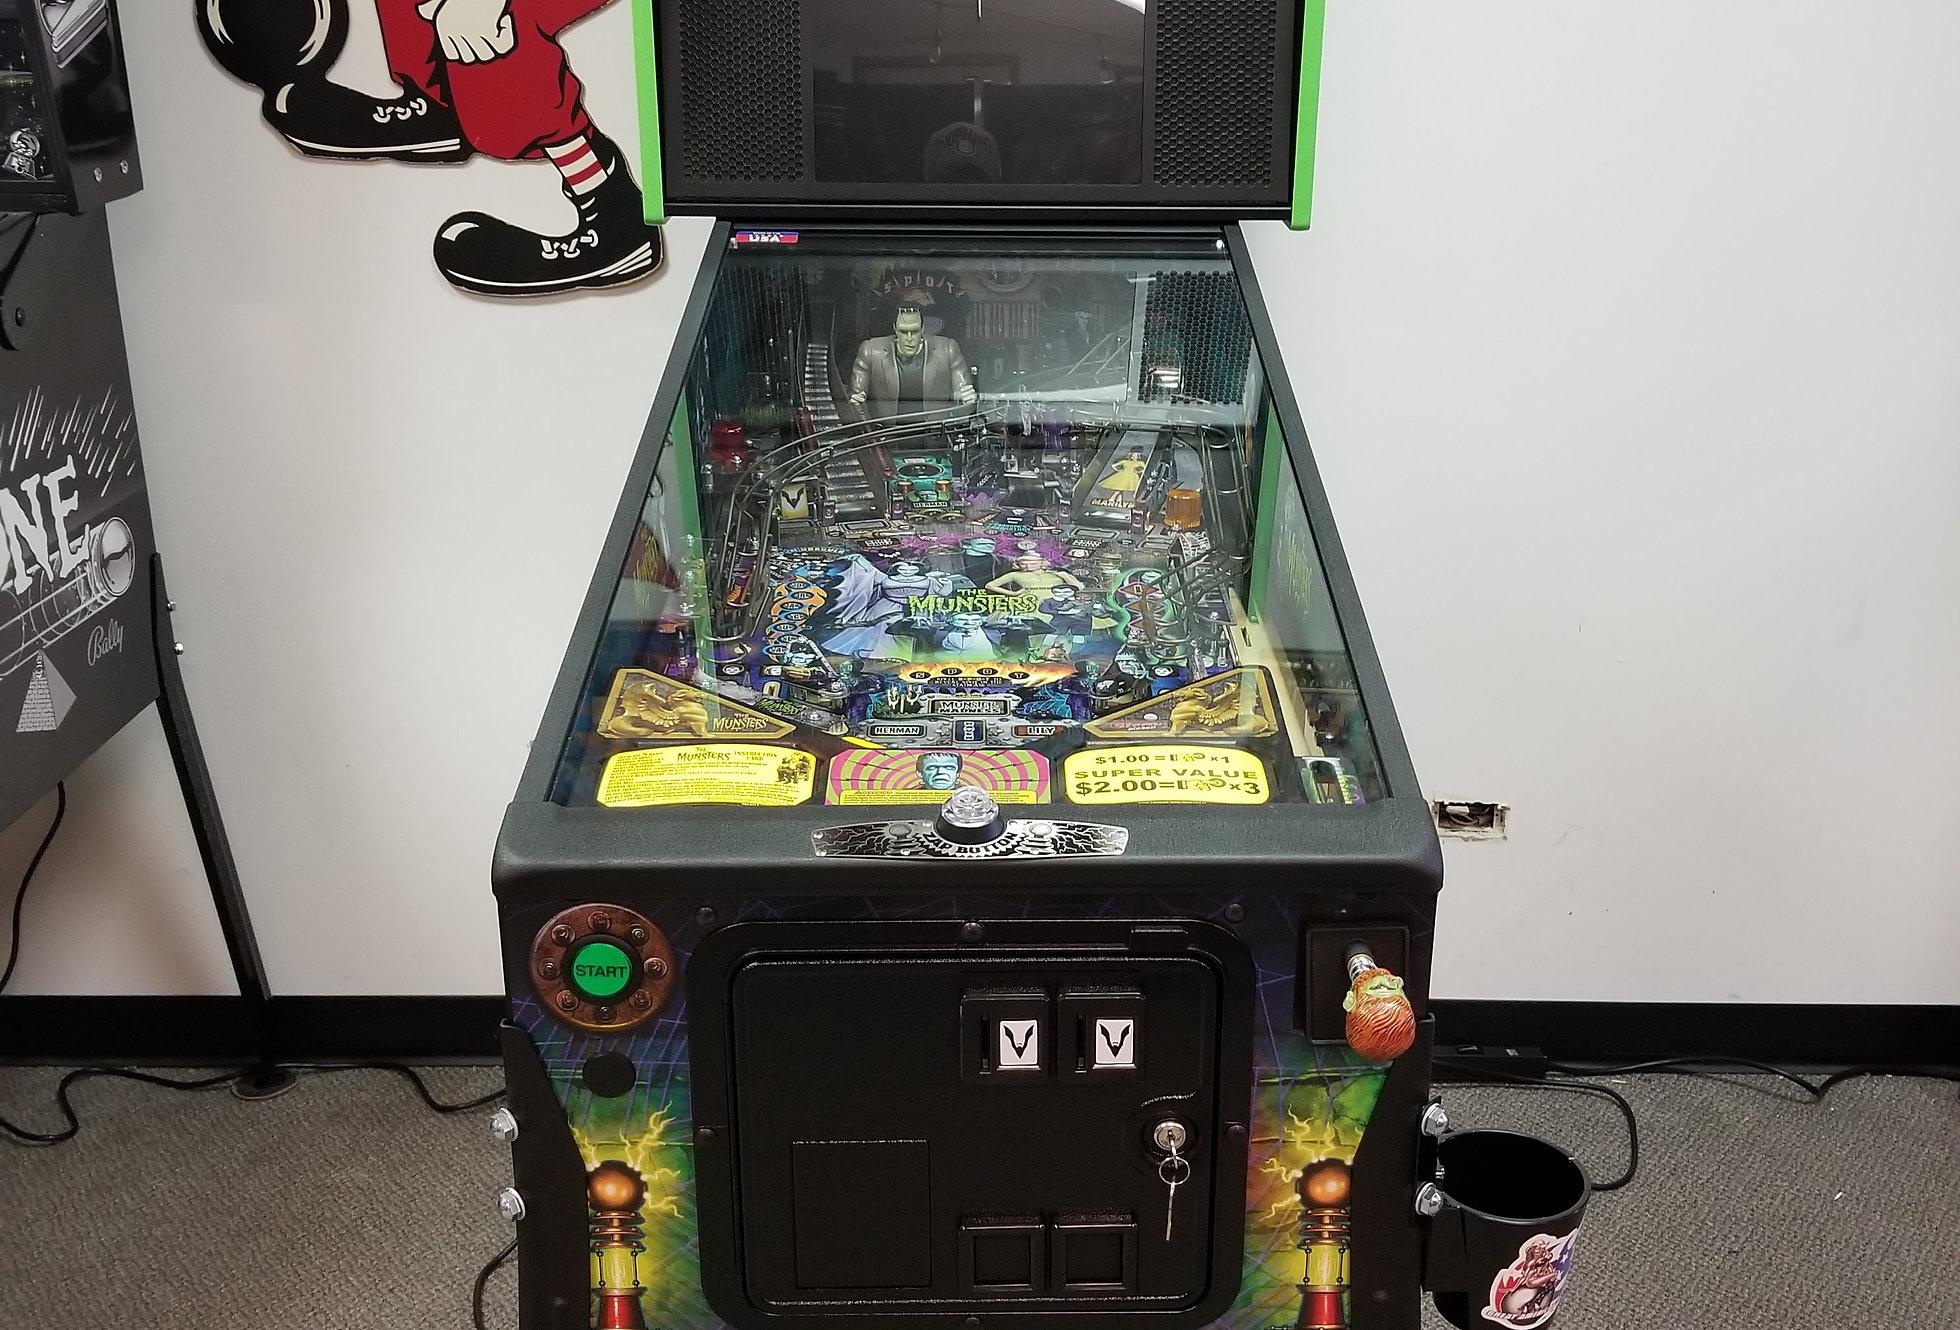 Munsters pinball machine | Pro | website